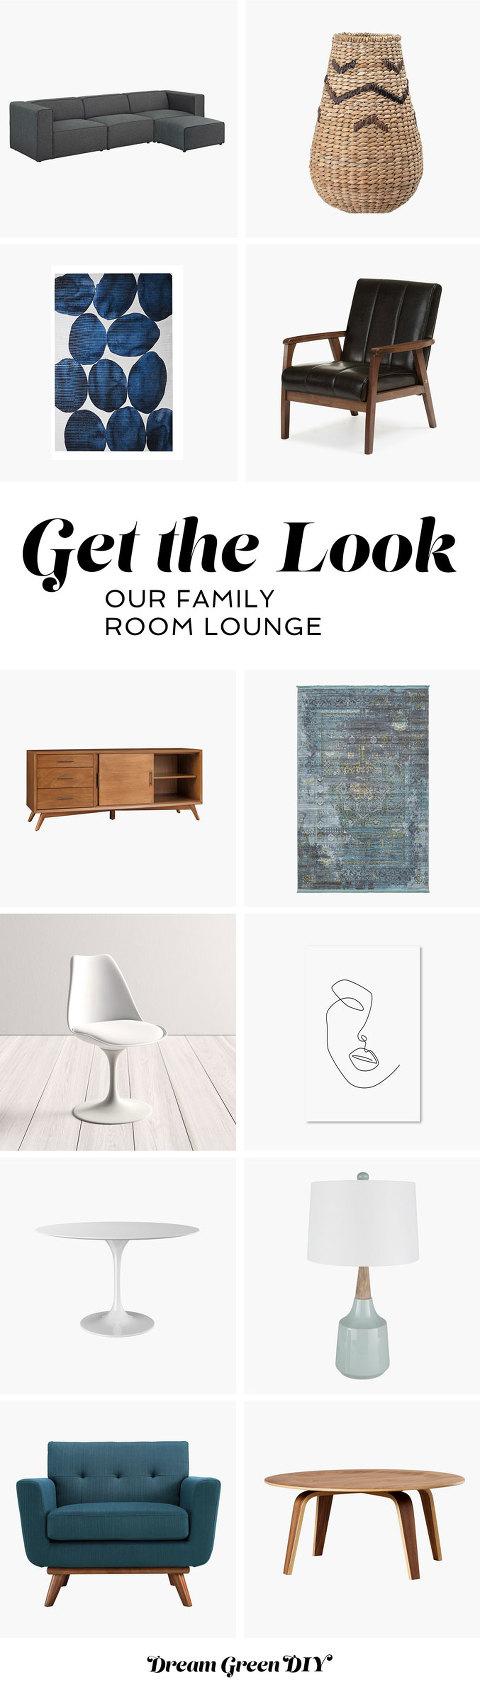 Mid-century living room furniture ideas